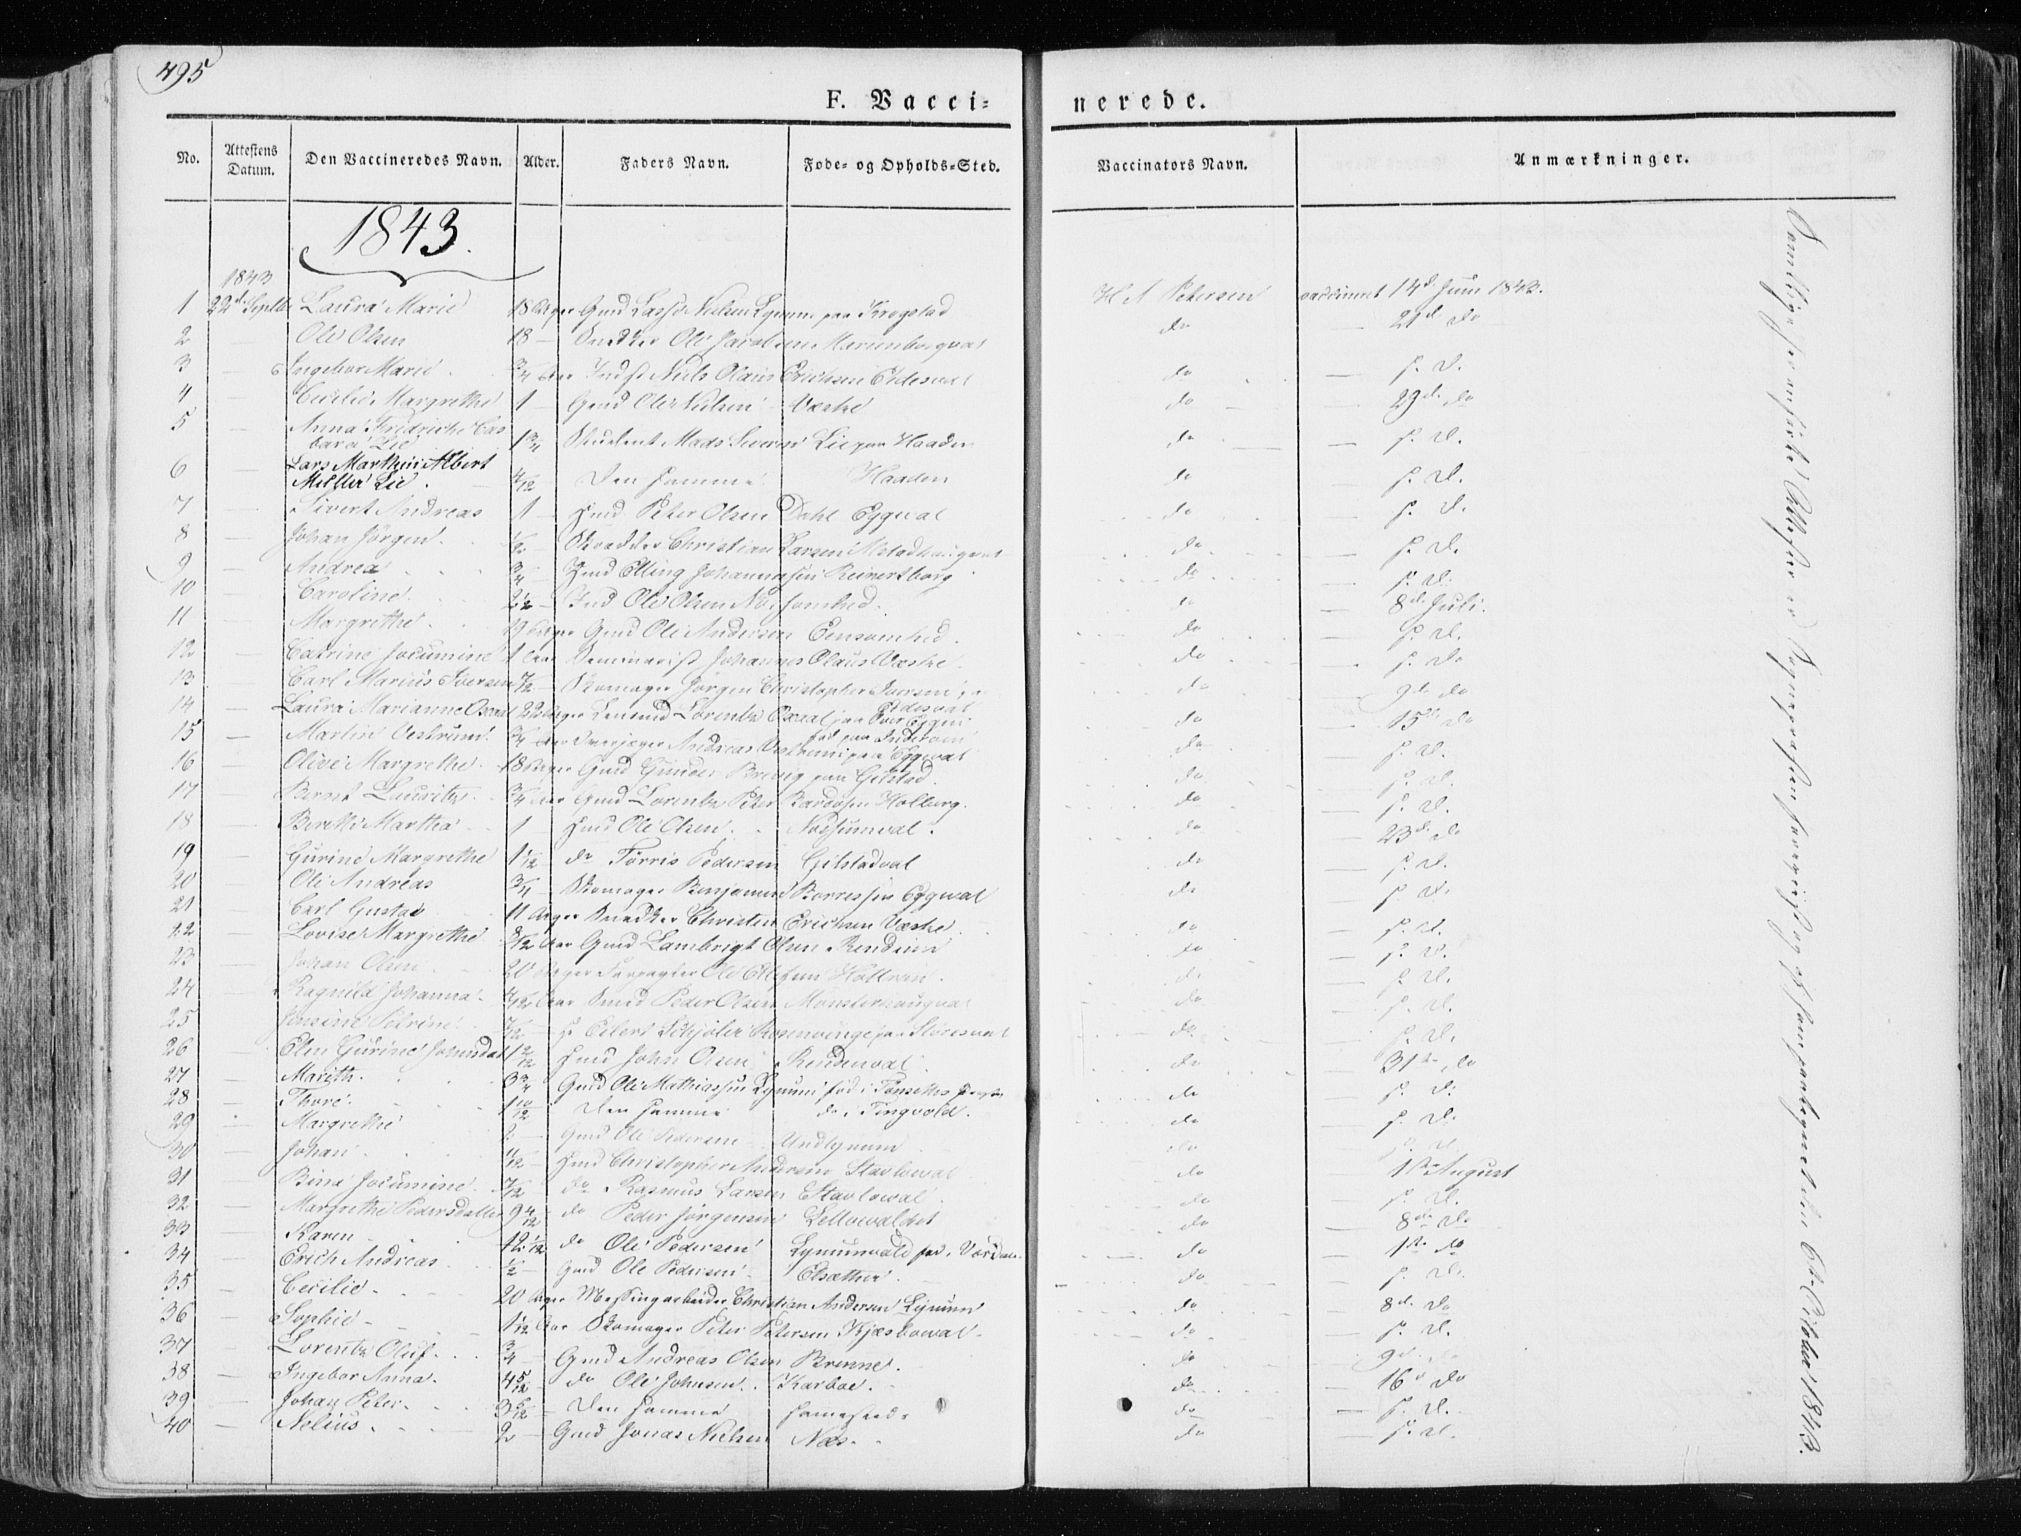 SAT, Ministerialprotokoller, klokkerbøker og fødselsregistre - Nord-Trøndelag, 717/L0154: Ministerialbok nr. 717A06 /1, 1836-1849, s. 495